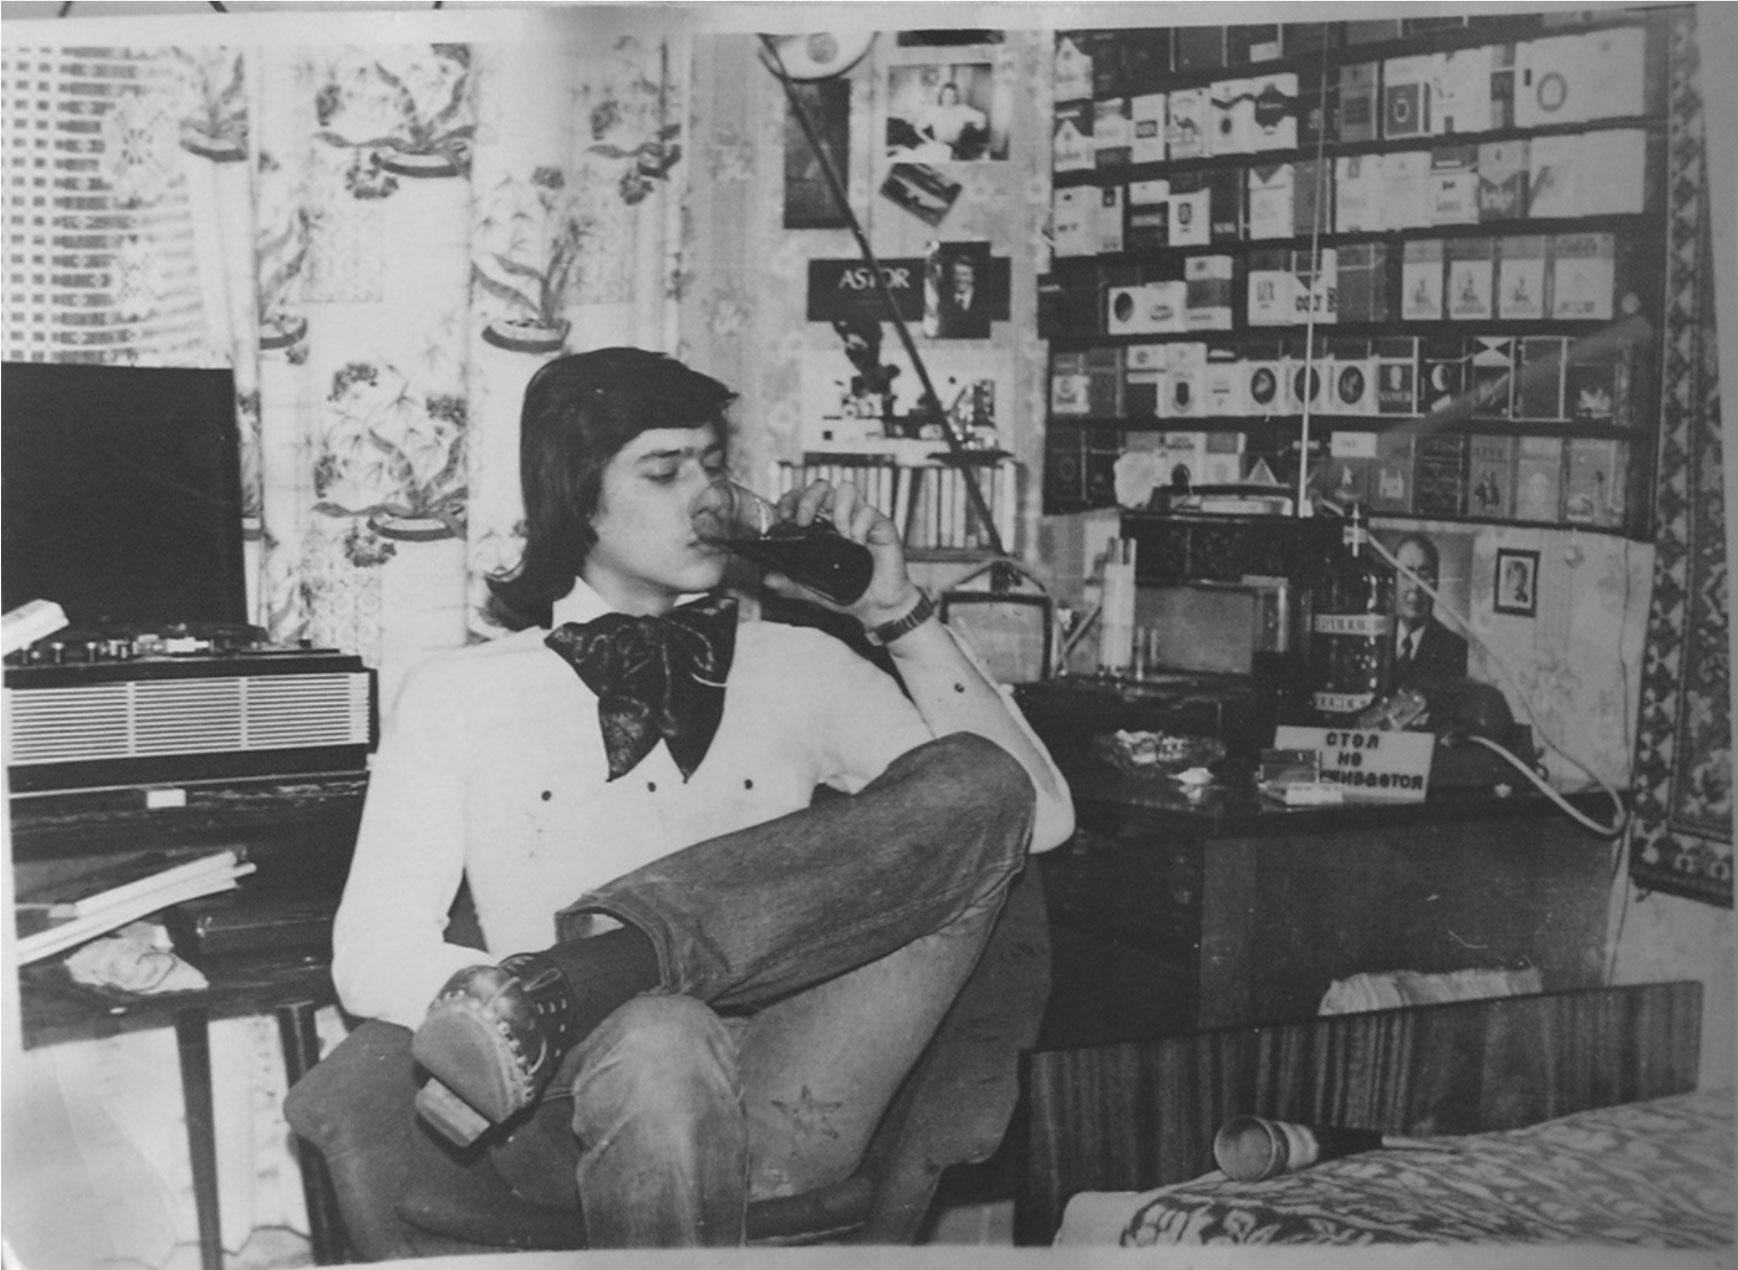 Комната советского подростка, город Владимир, 1981 г. Снимок является постановочным автопортретом хозяина комнаты, Андре